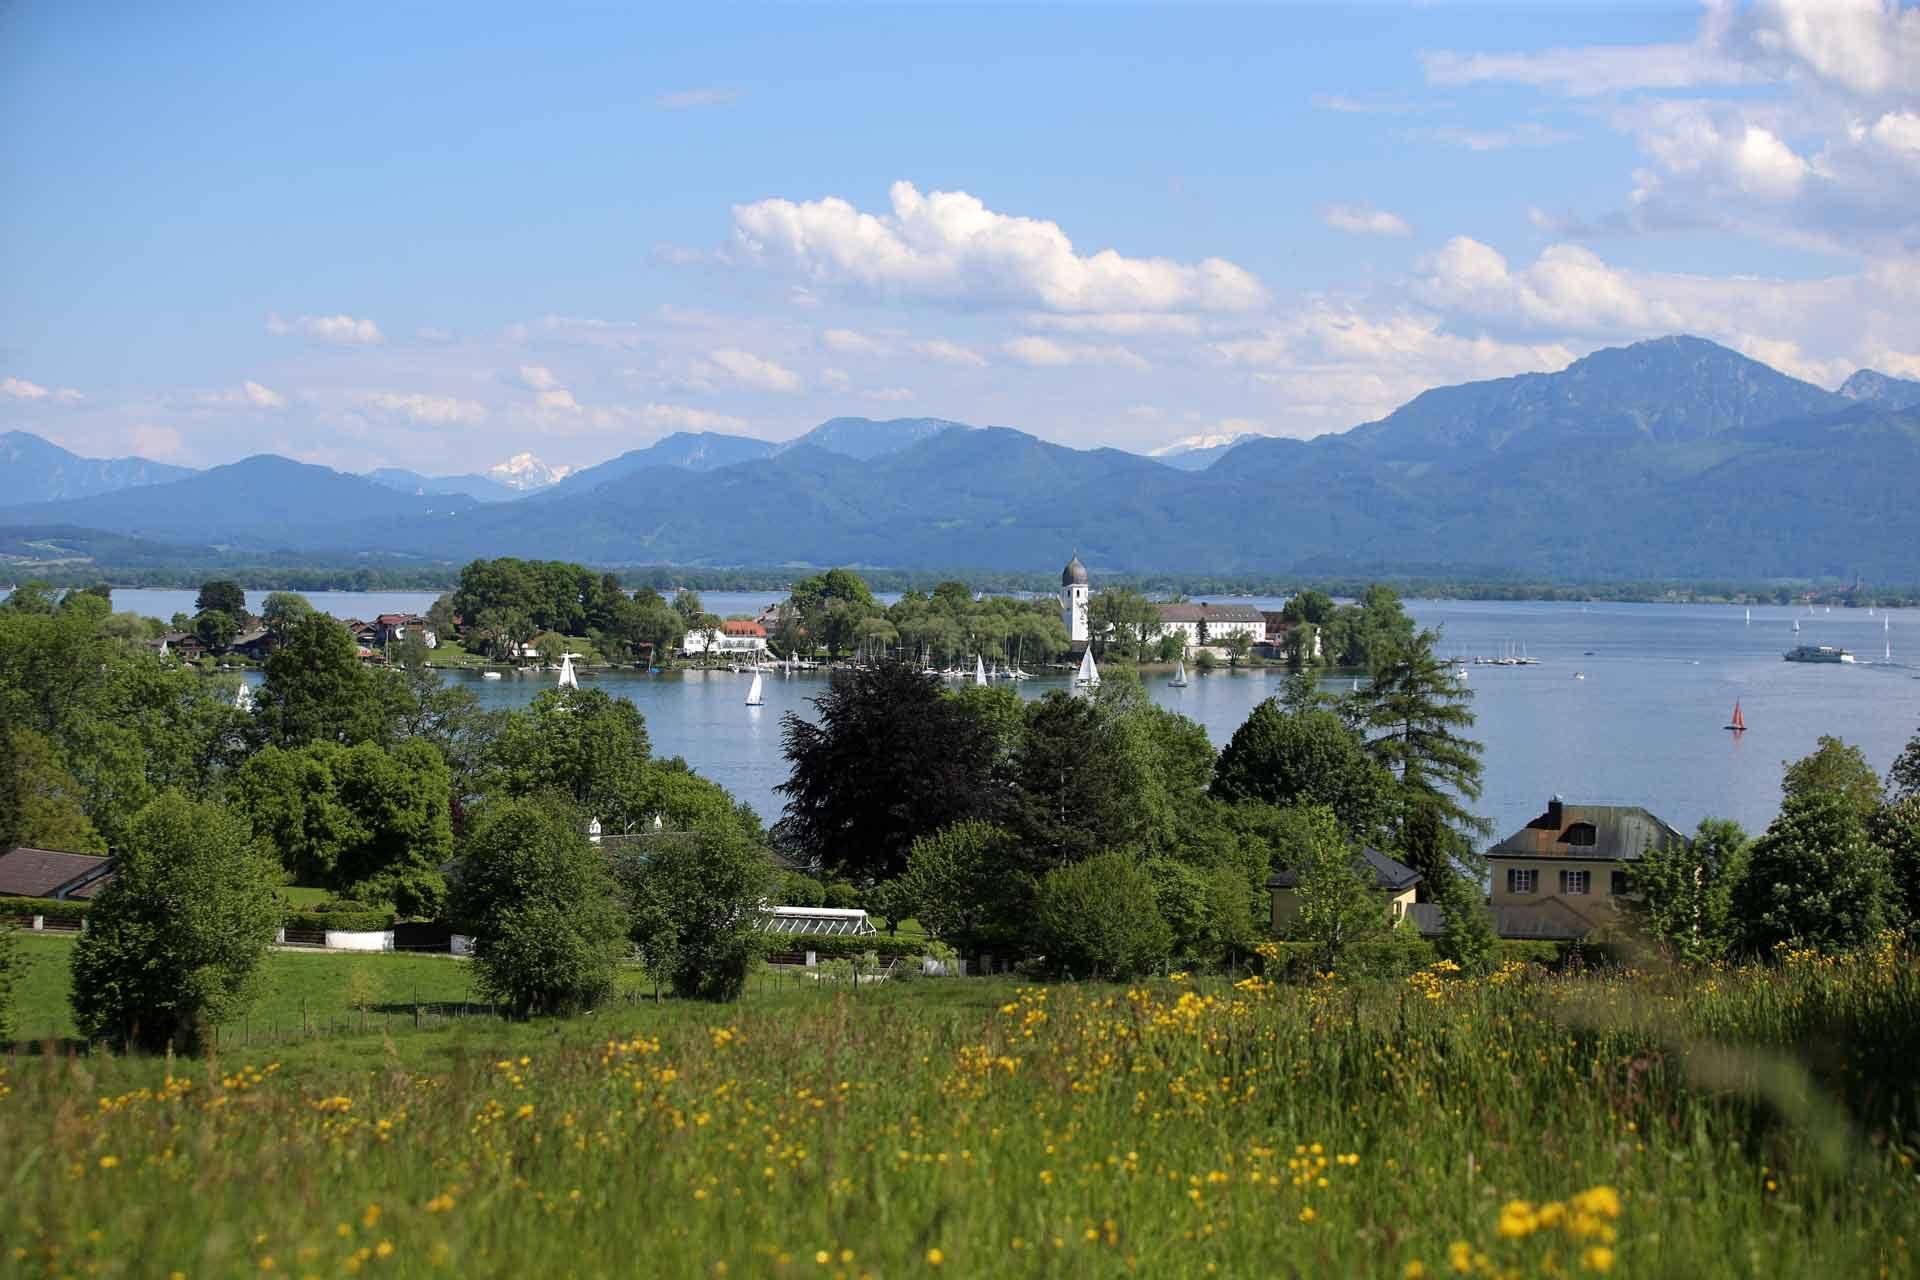 De bekende Fraueninsel in de het grootste meer van Beieren: de Chiemsee